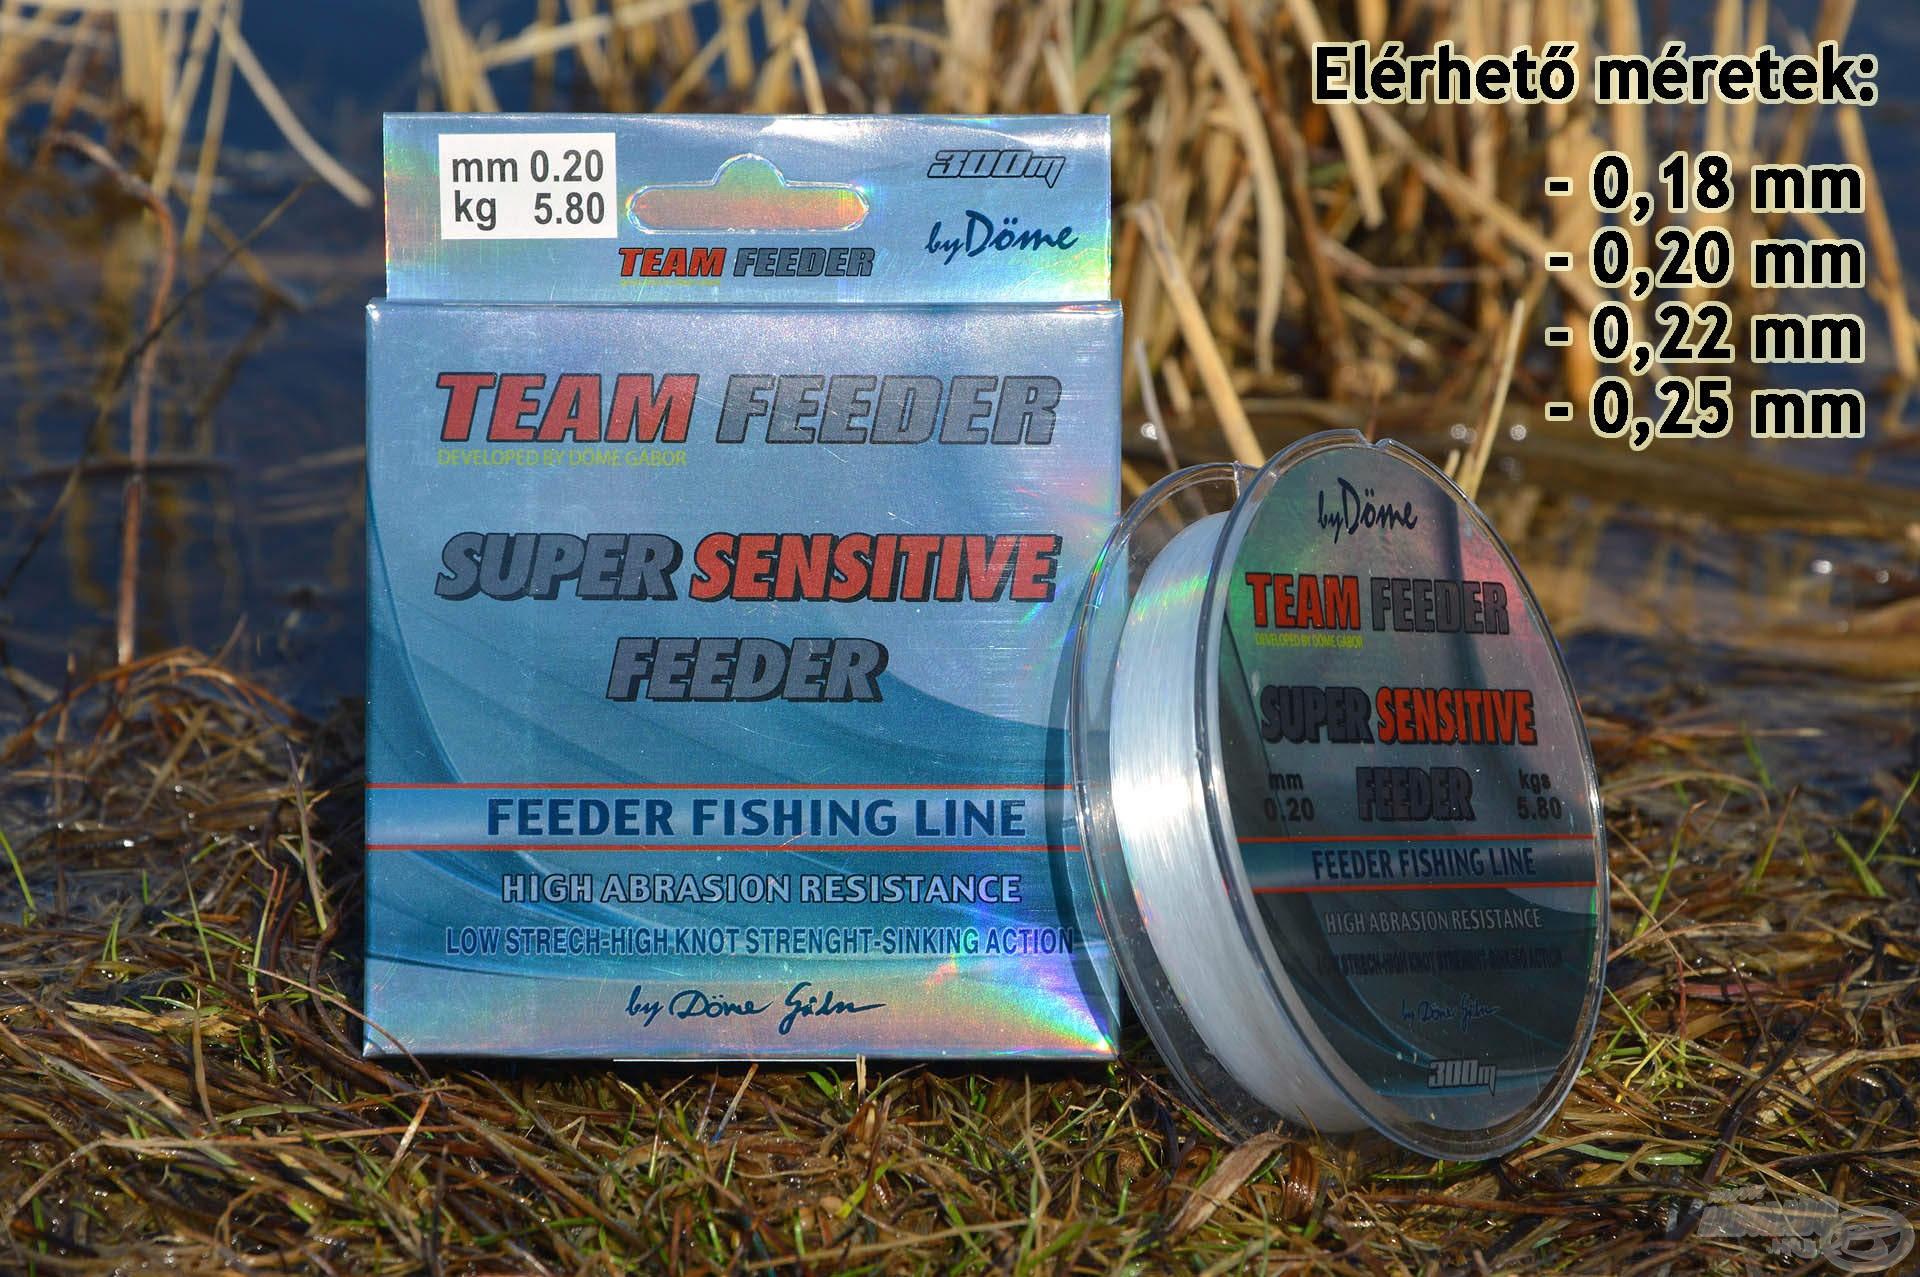 A Super Sensitive teljesít minden olyan elvárást és rendelkezik minden olyan jó tulajdonsággal, amit joggal várhatnak el a horgászok egy modern, szó szerint versenyképes horgászzsinórtól!